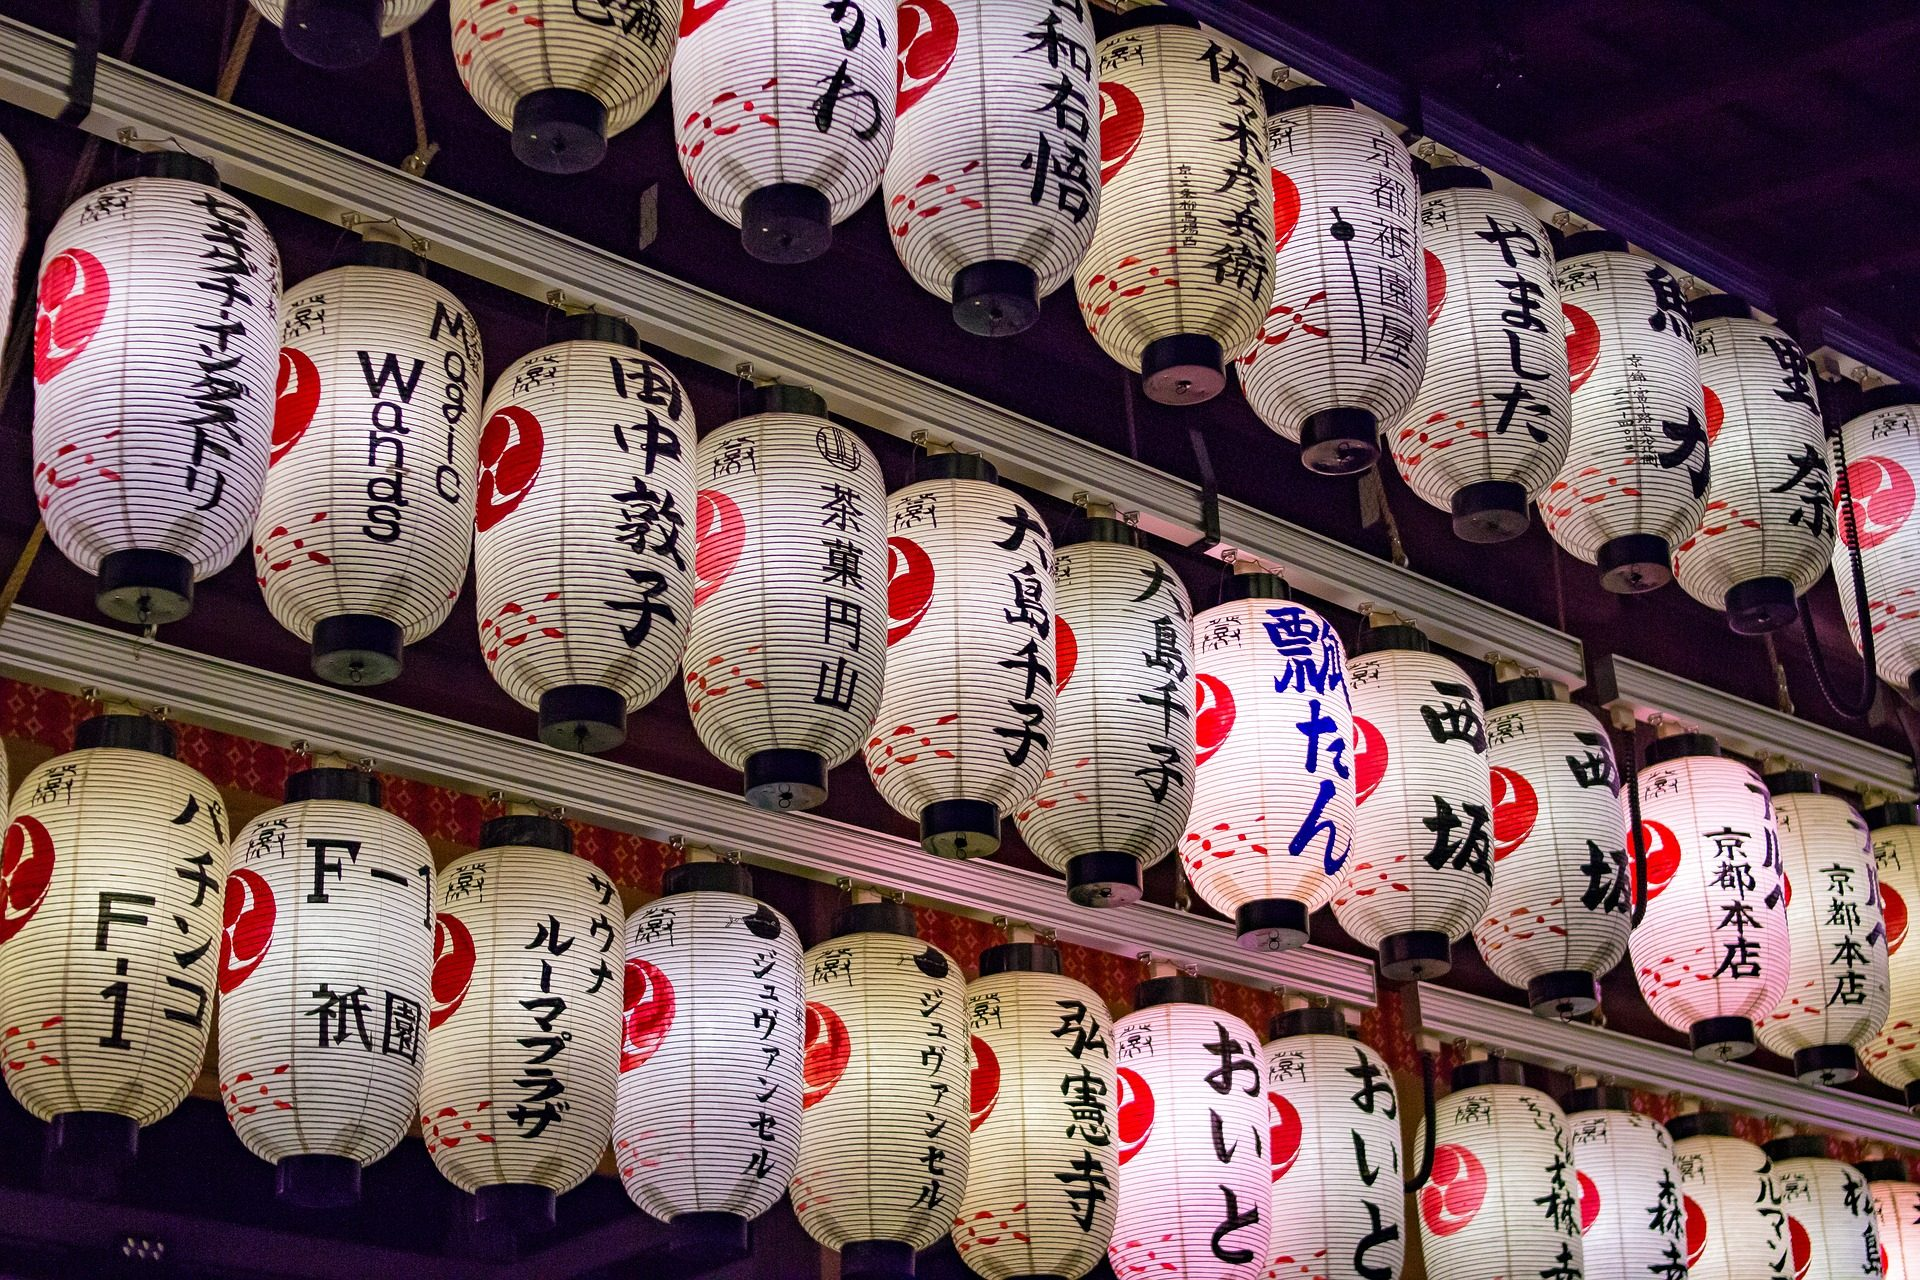 лампы, Китайские фонарики, фары, Бумага, японский - Обои HD - Профессор falken.com